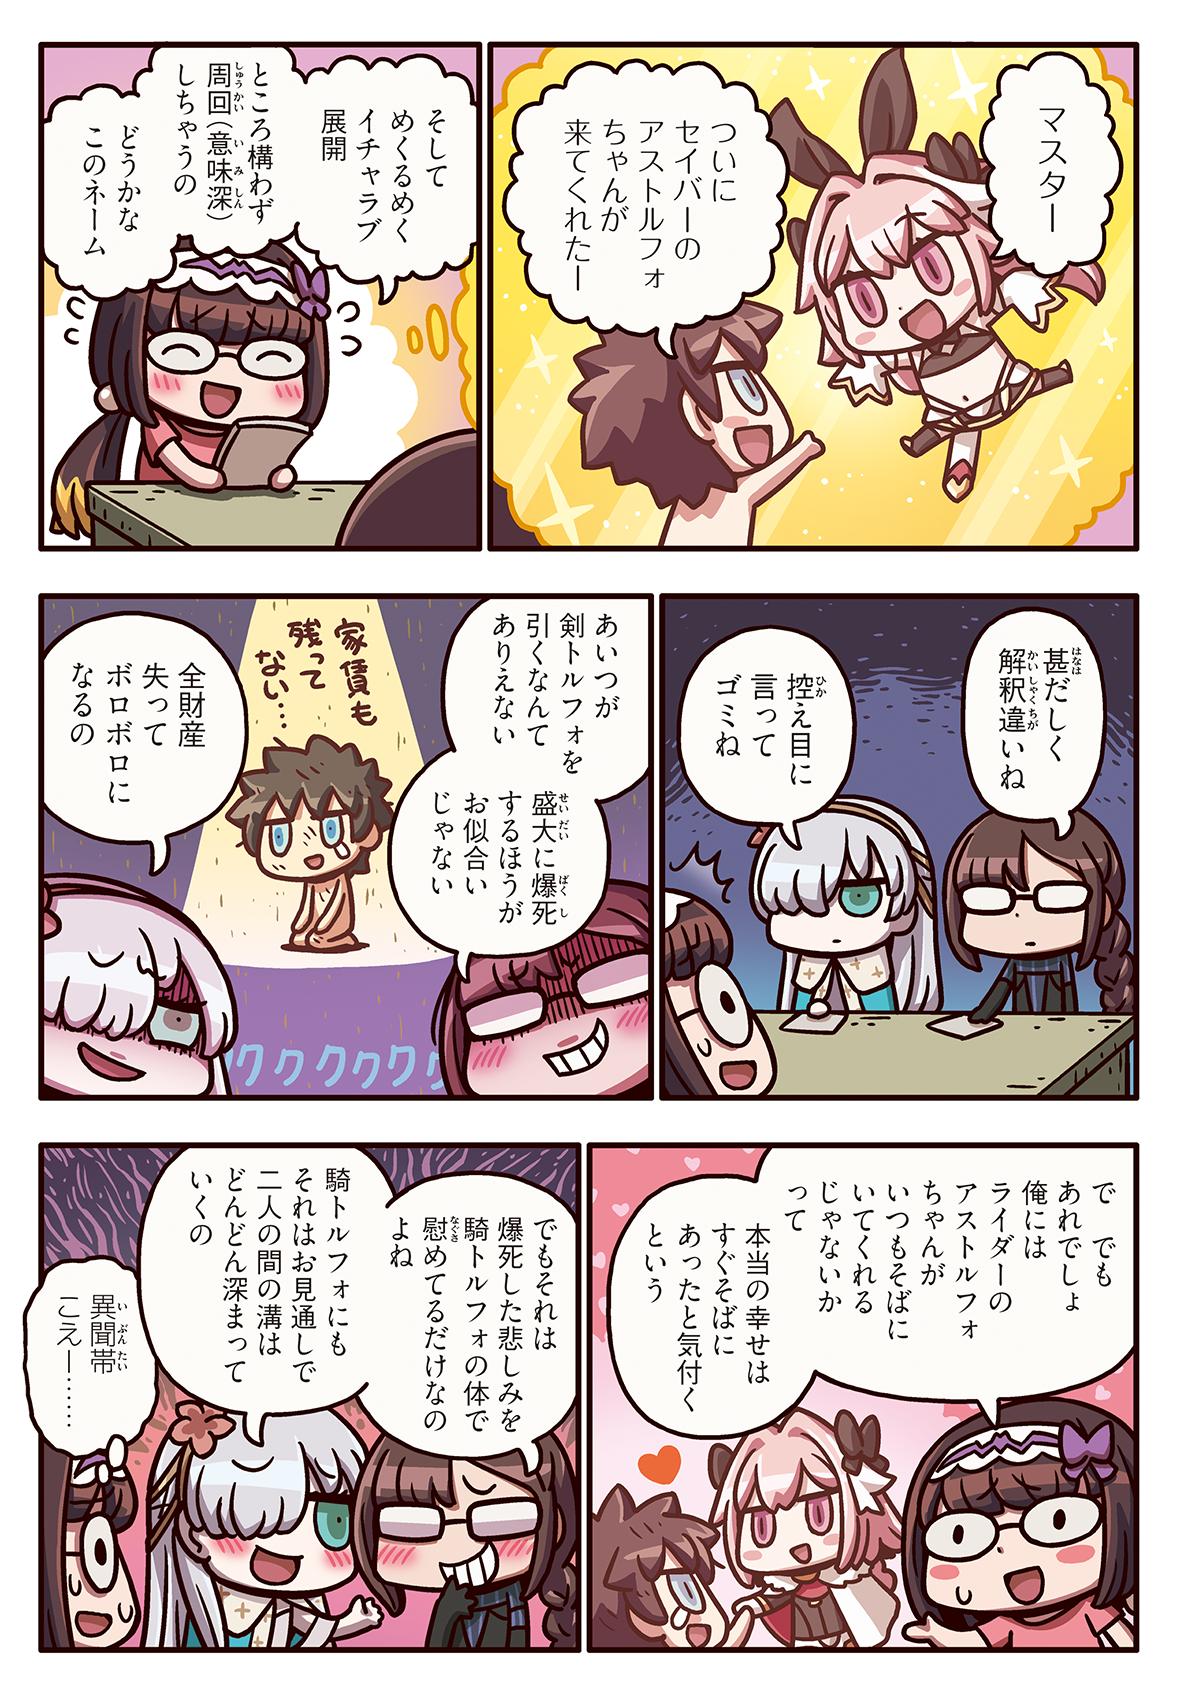 リヨ漫画虞美人